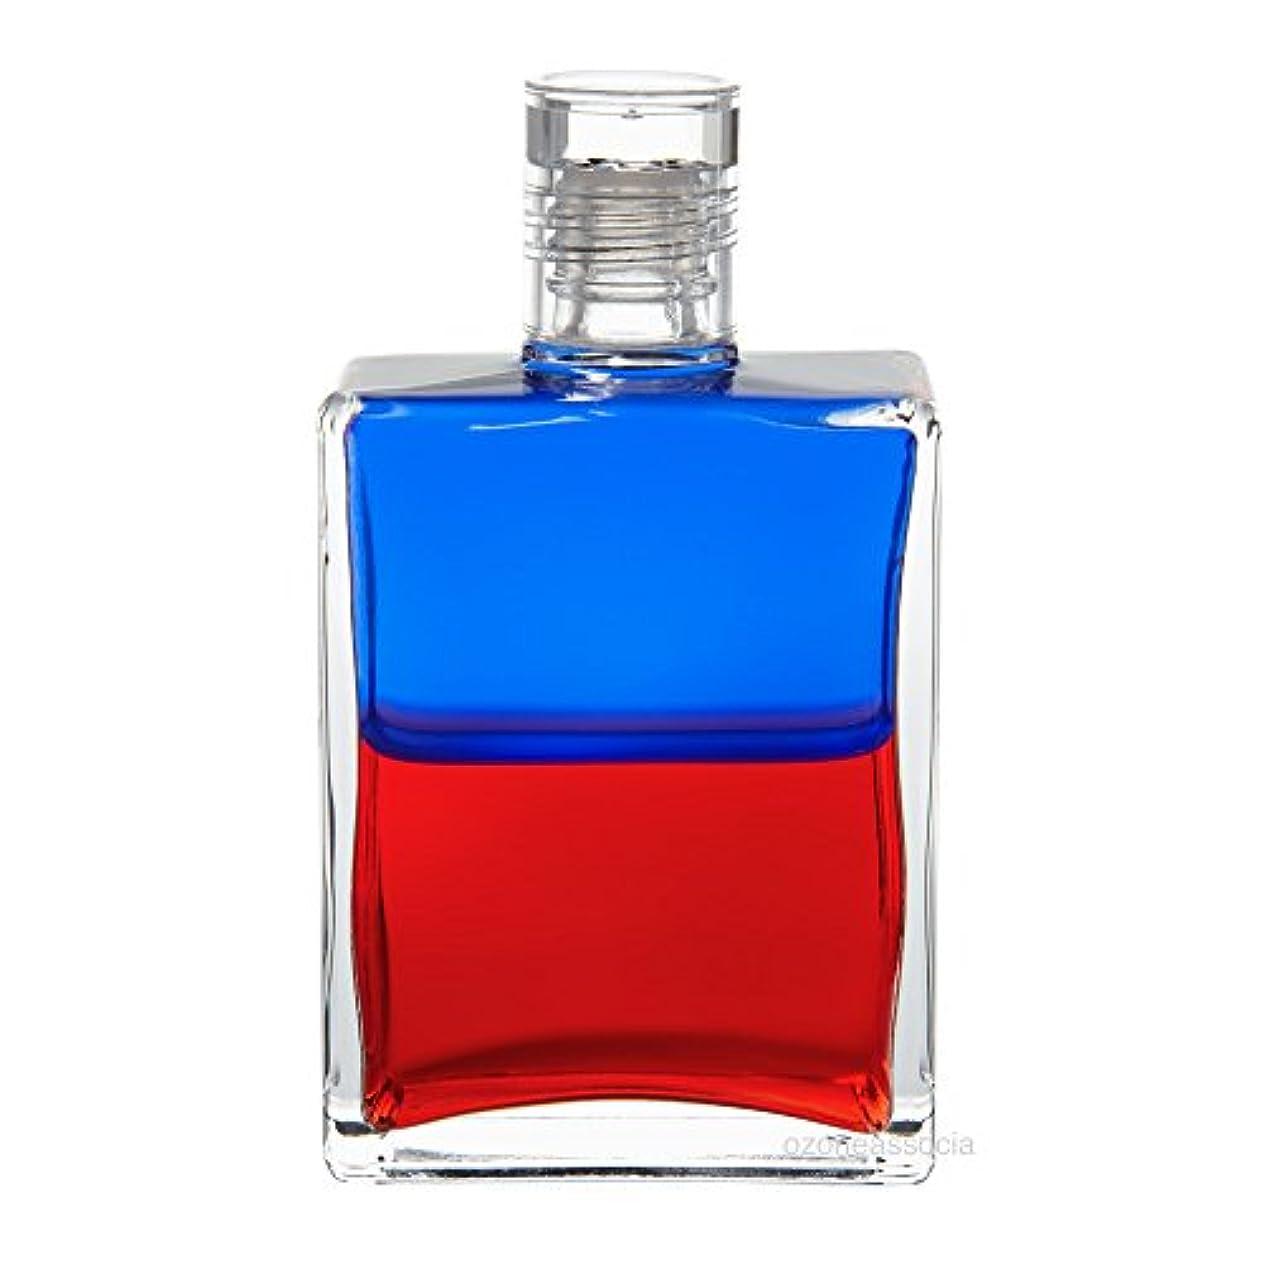 評価ワイプひそかにオーラソーマ ボトル 30番  天を地にもたらす (ブルー/レッド) イクイリブリアムボトル50ml Aurasoma